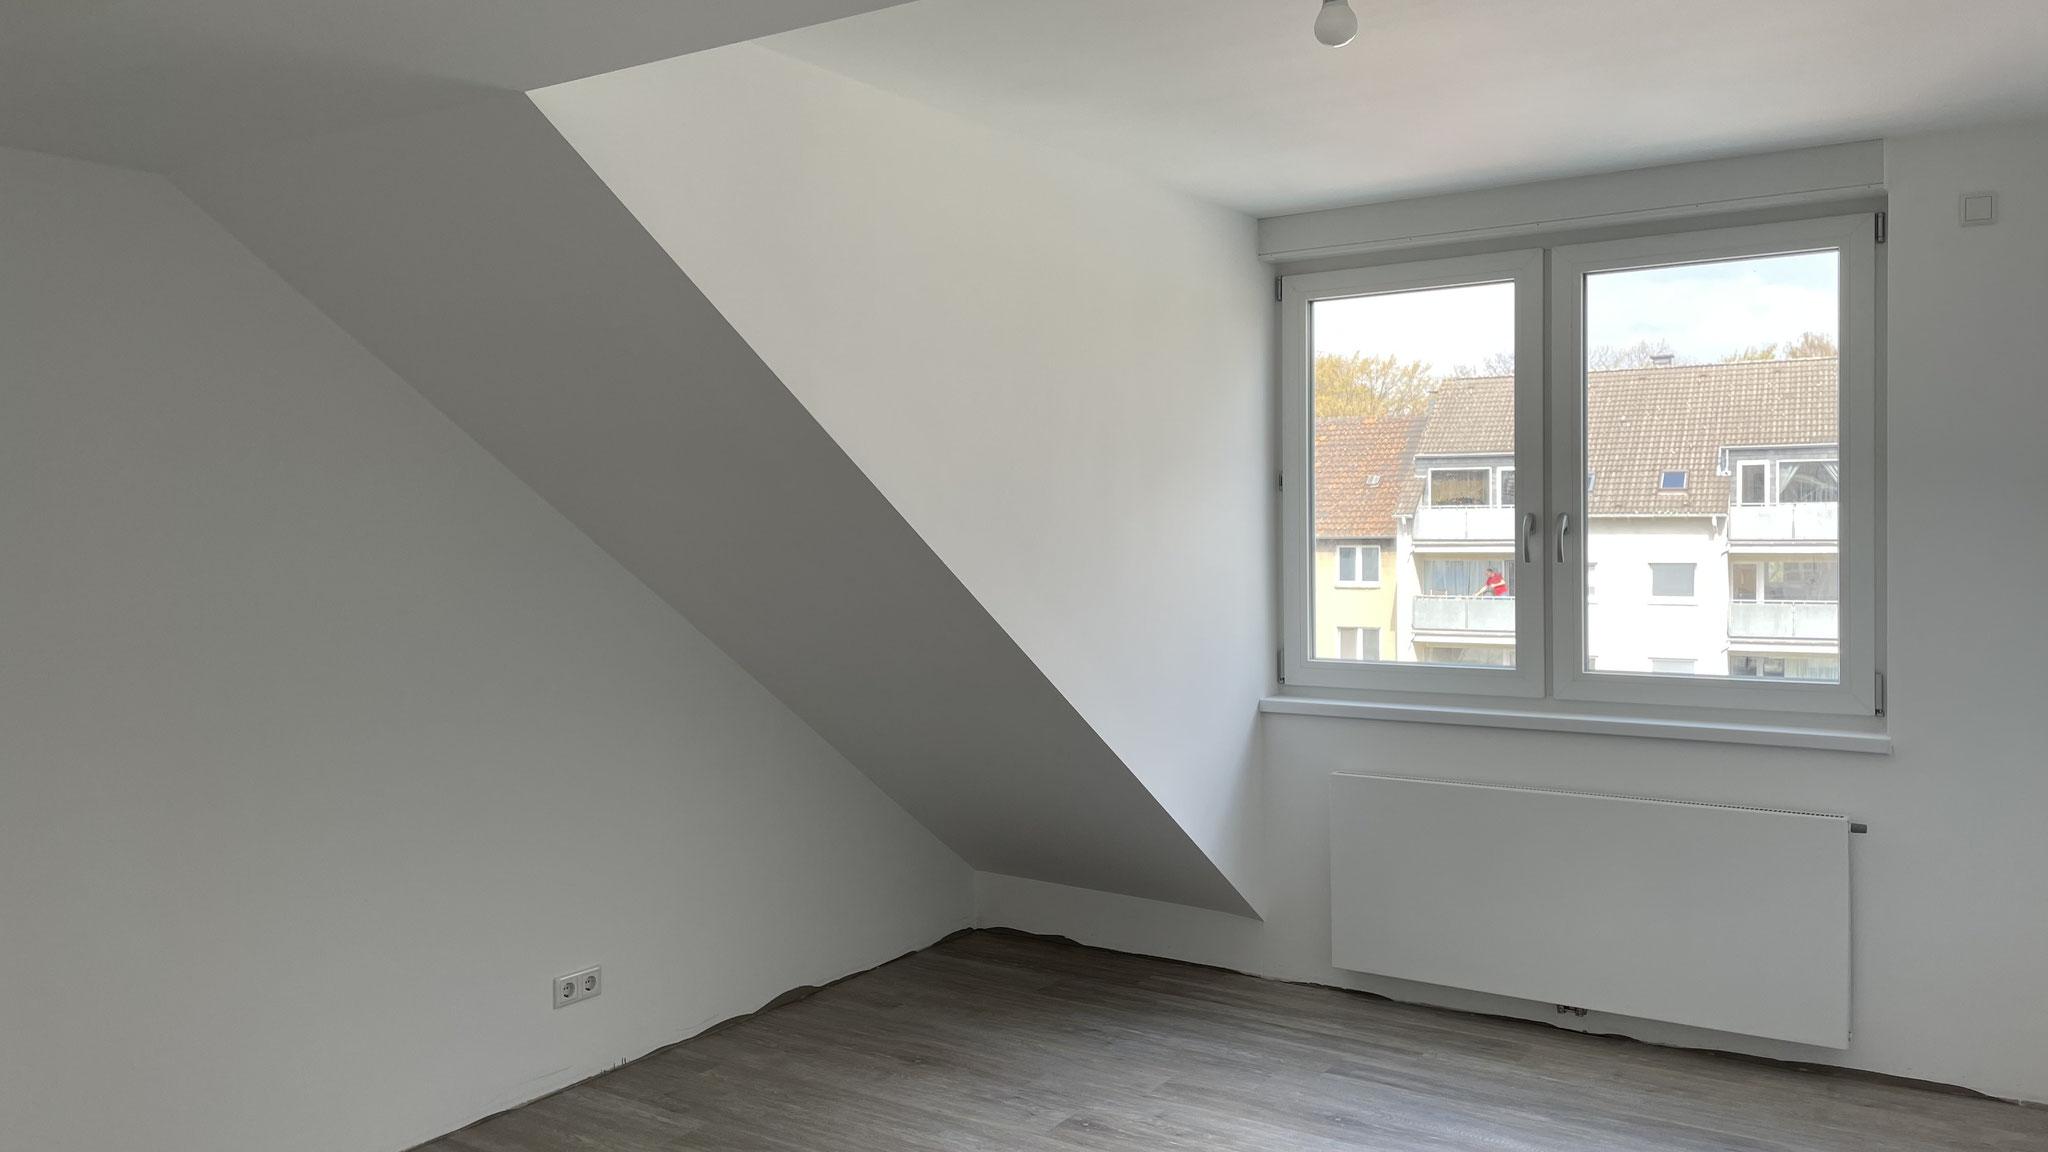 Innenausbau einer Dachgaube